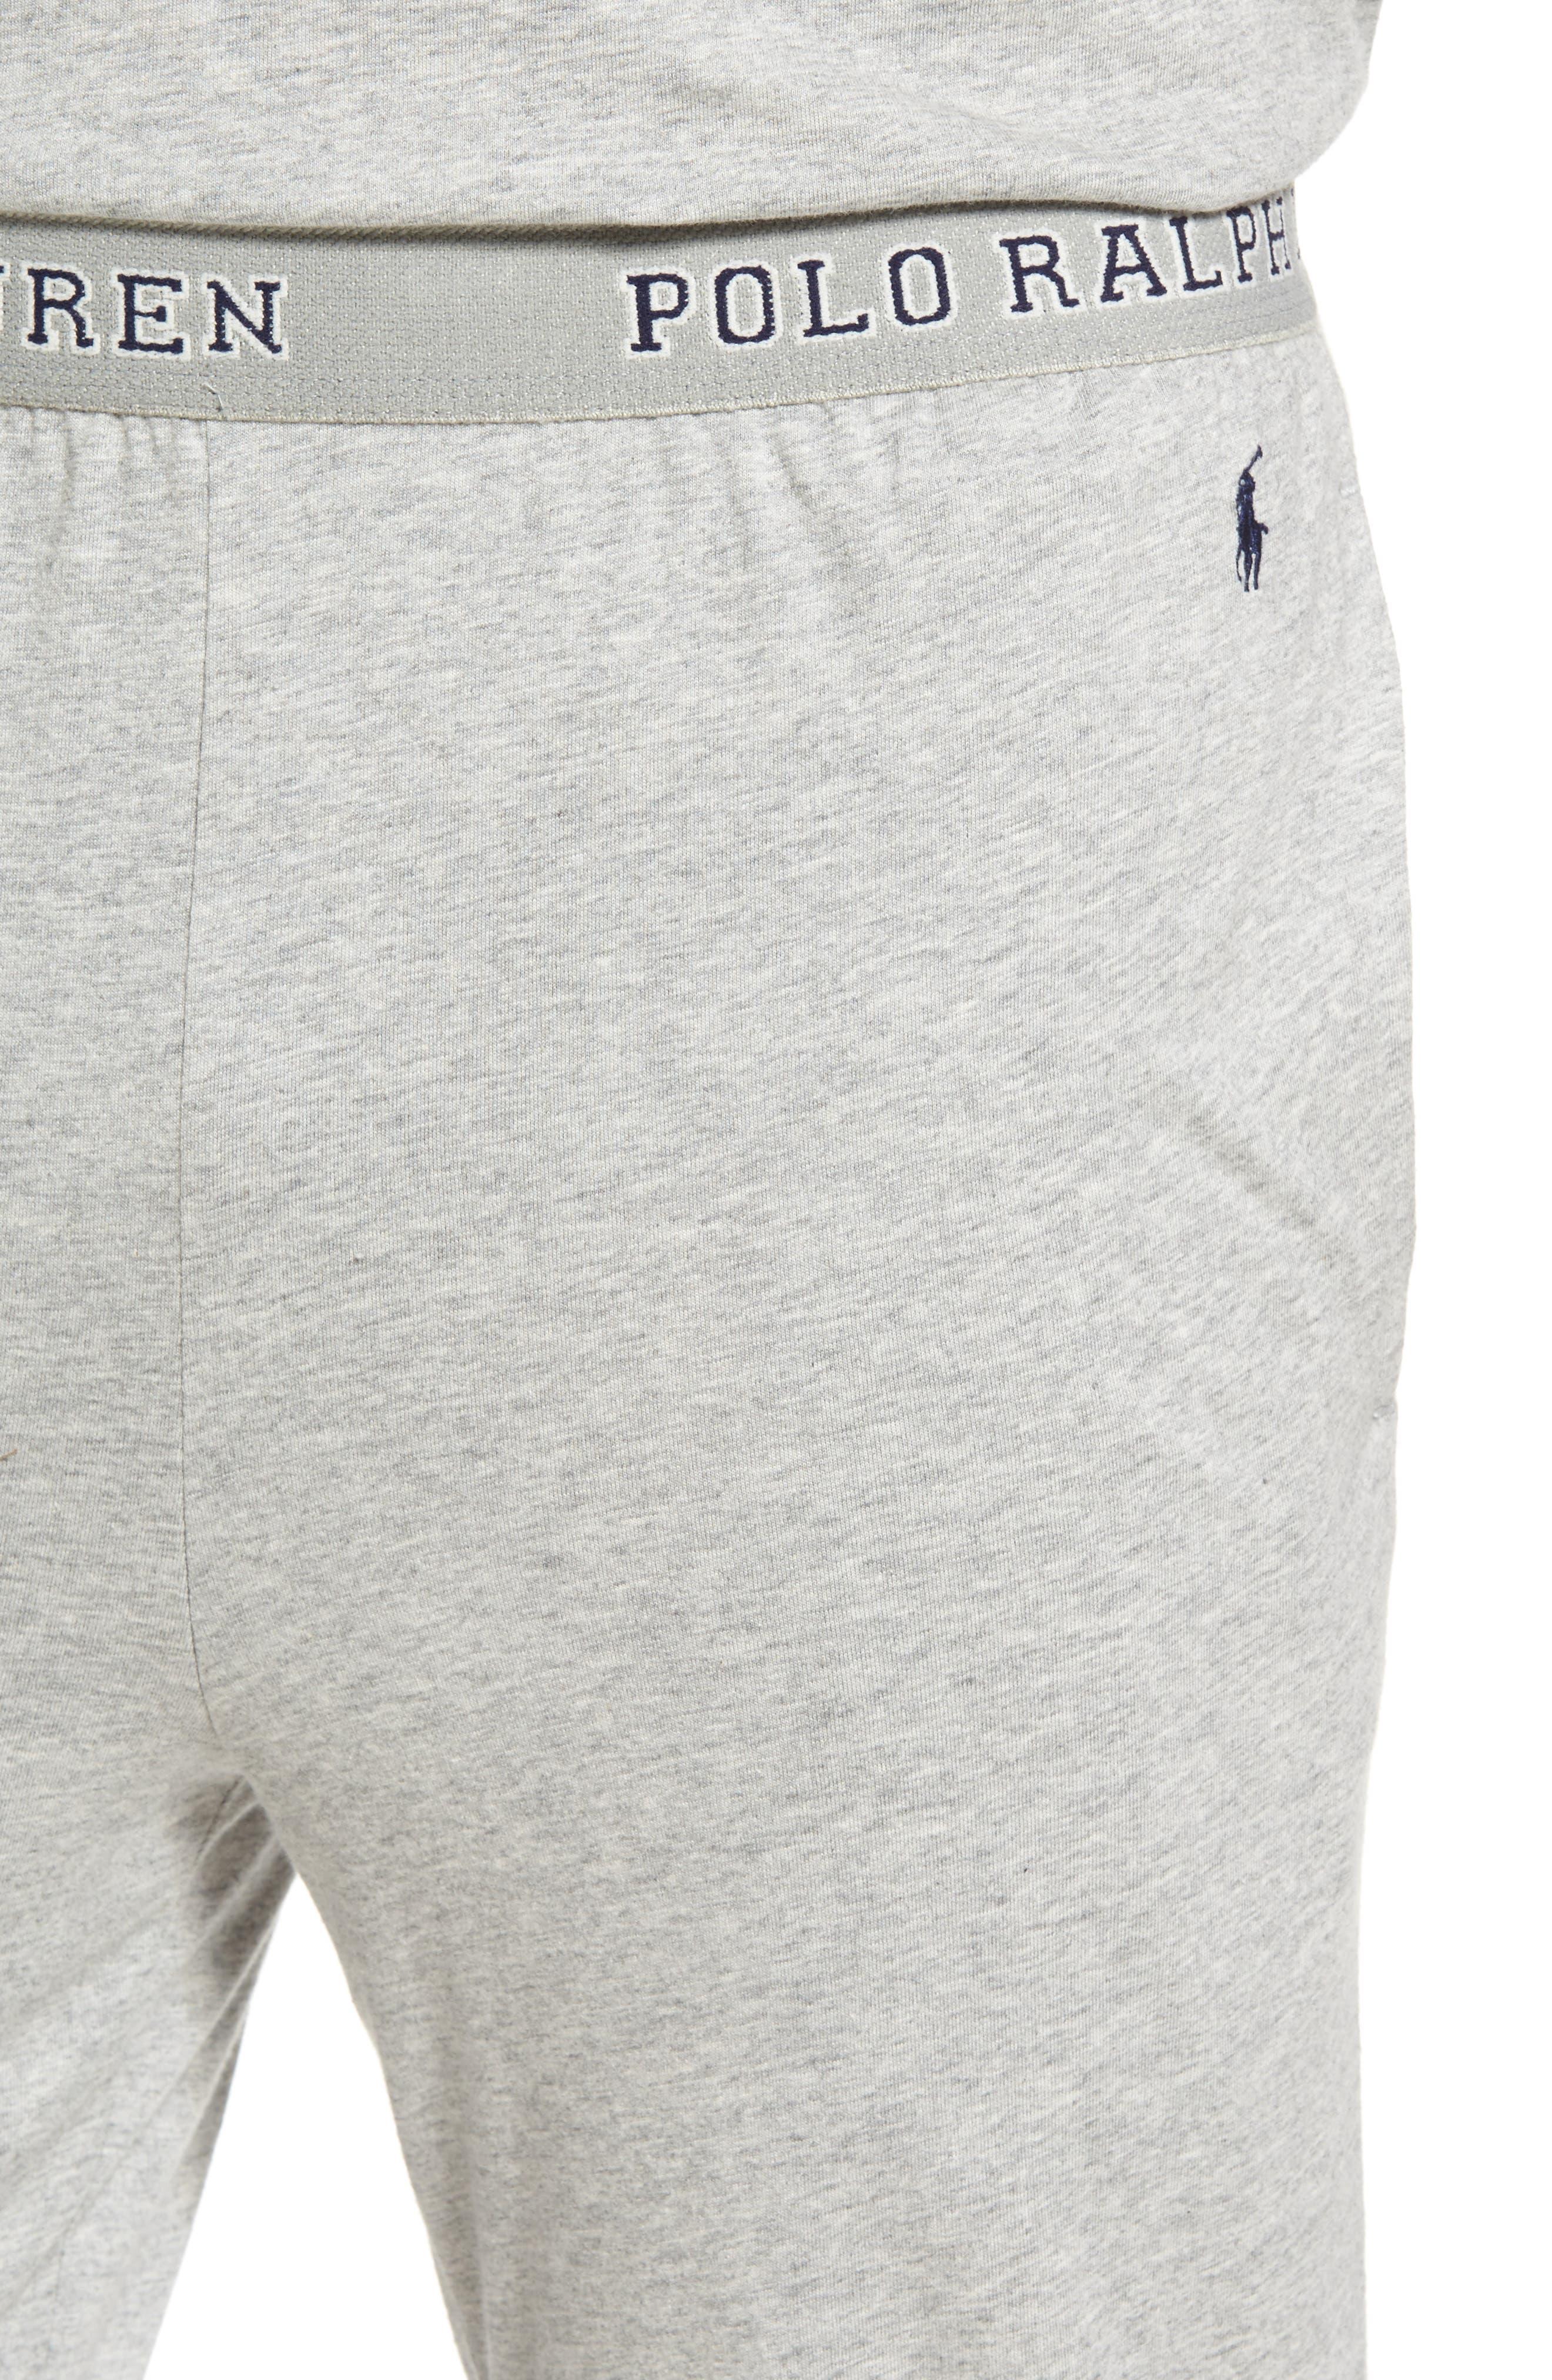 Cotton Jogger Lounge Pants,                             Alternate thumbnail 12, color,